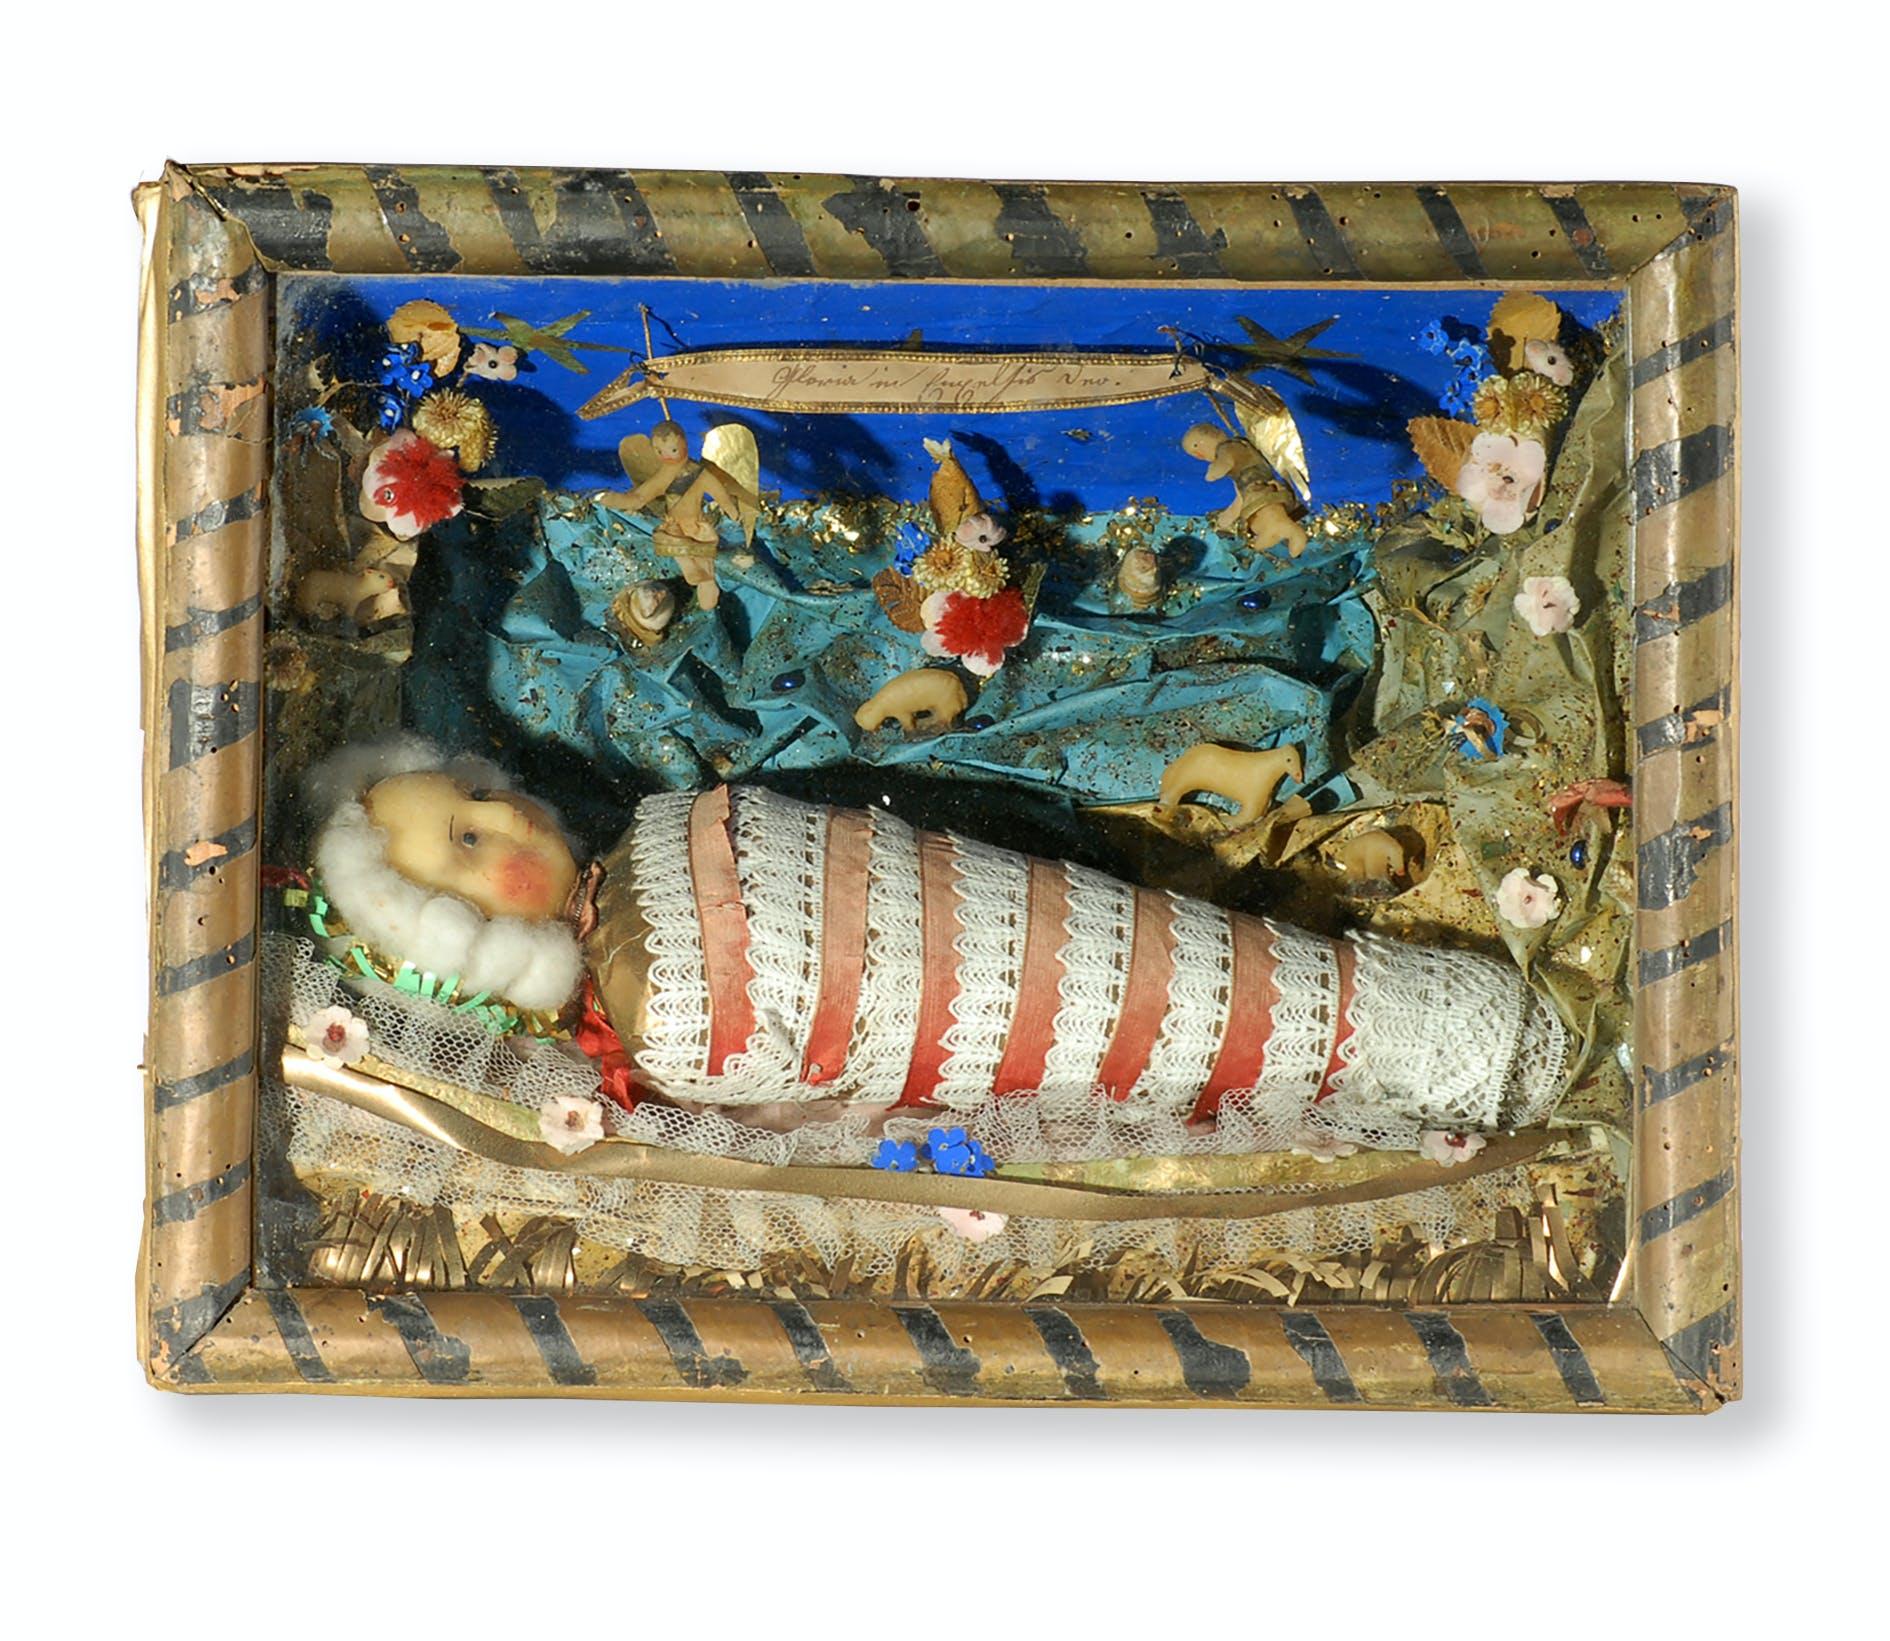 2. Bild mit Fatschenkind, Klosterarbeit, 28 x 35.5 x 12 cm, Herkunft unbekannt, keine Angaben zur Datierung